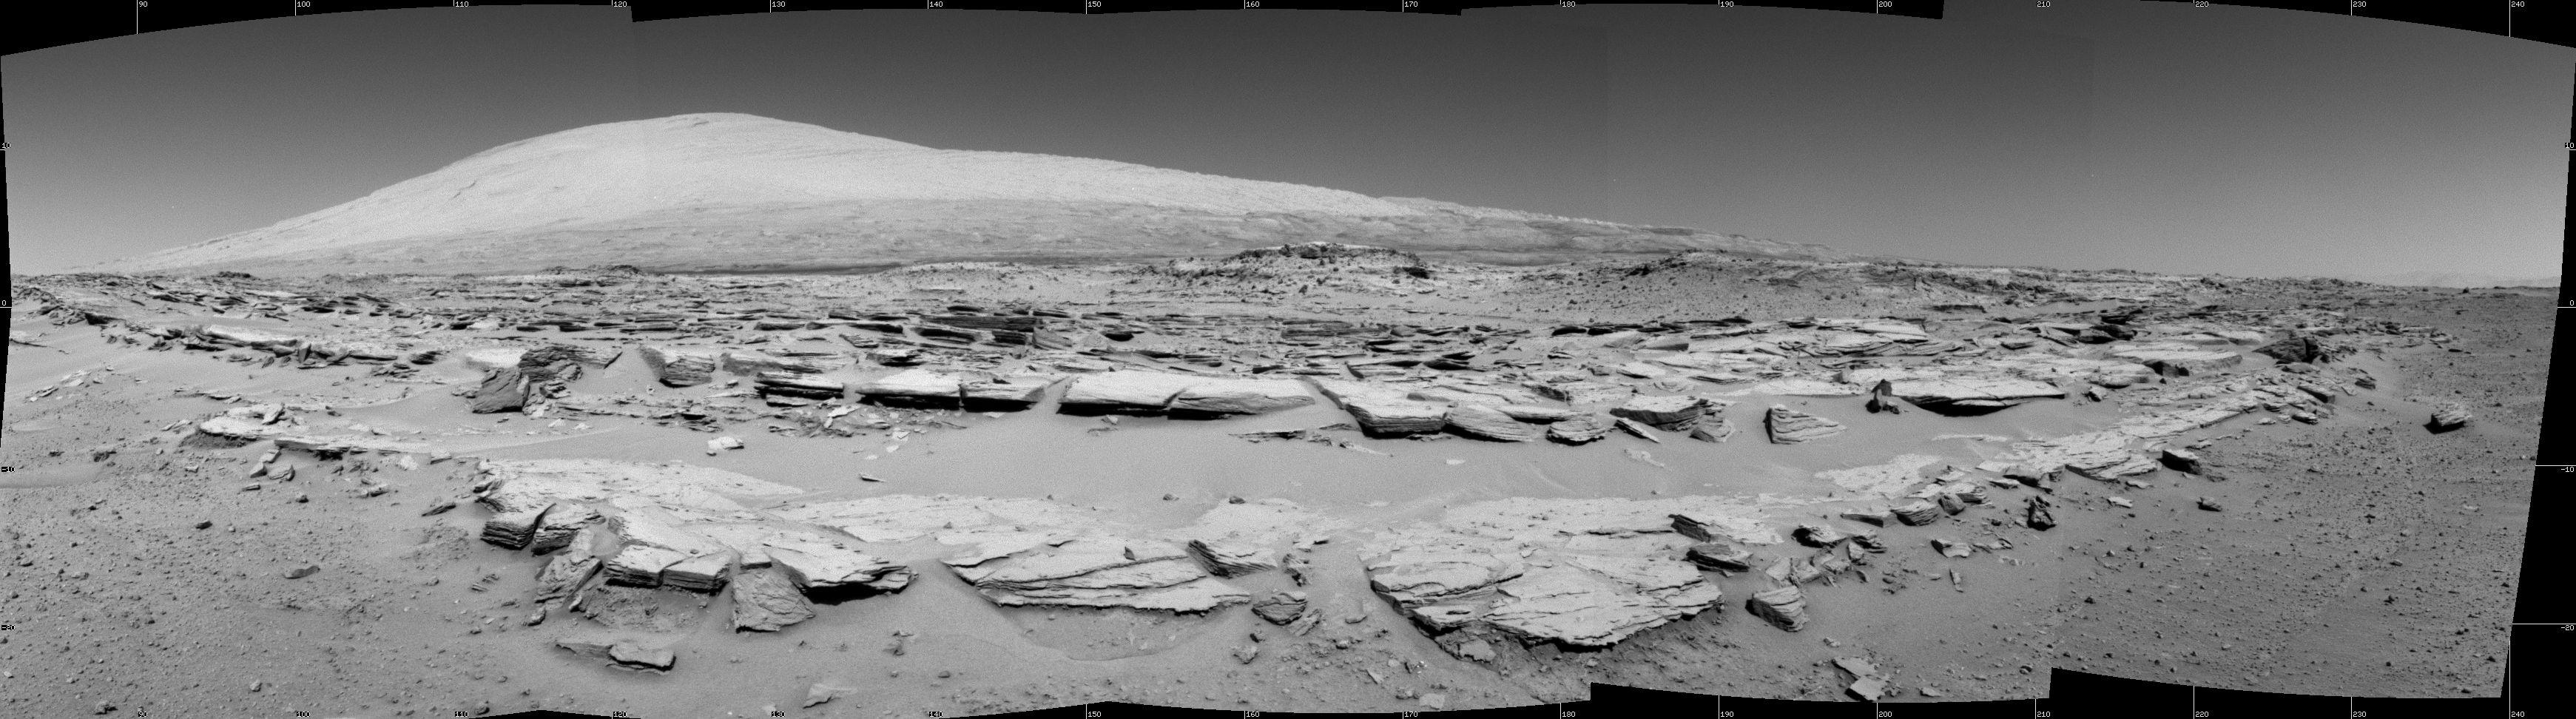 Марсоход Curiosity сделал новые снимки марсианских пейзажей